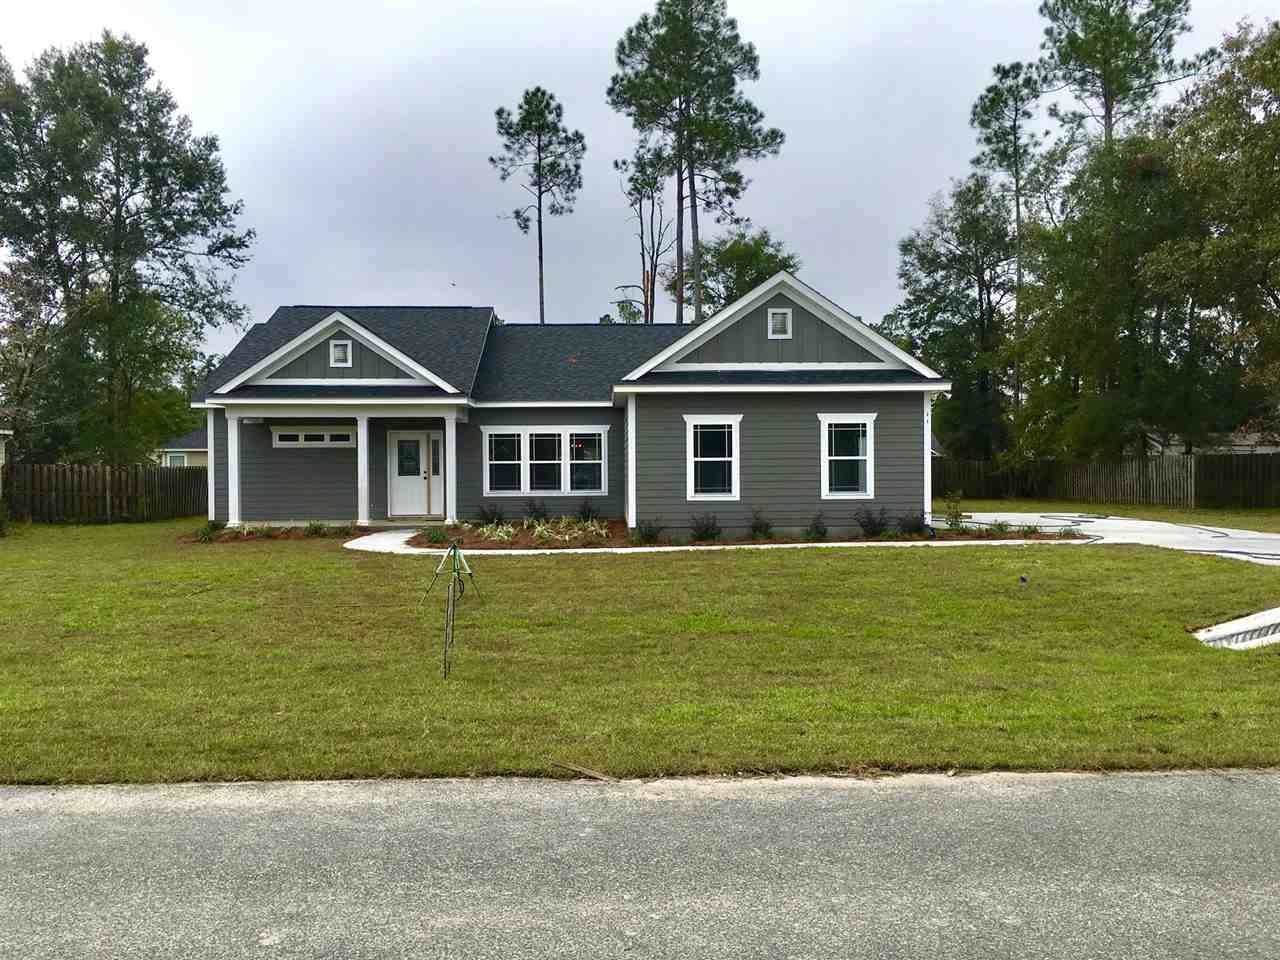 22 Amy Lane, Crawfordville, FL 32327 - MLS#: 318864